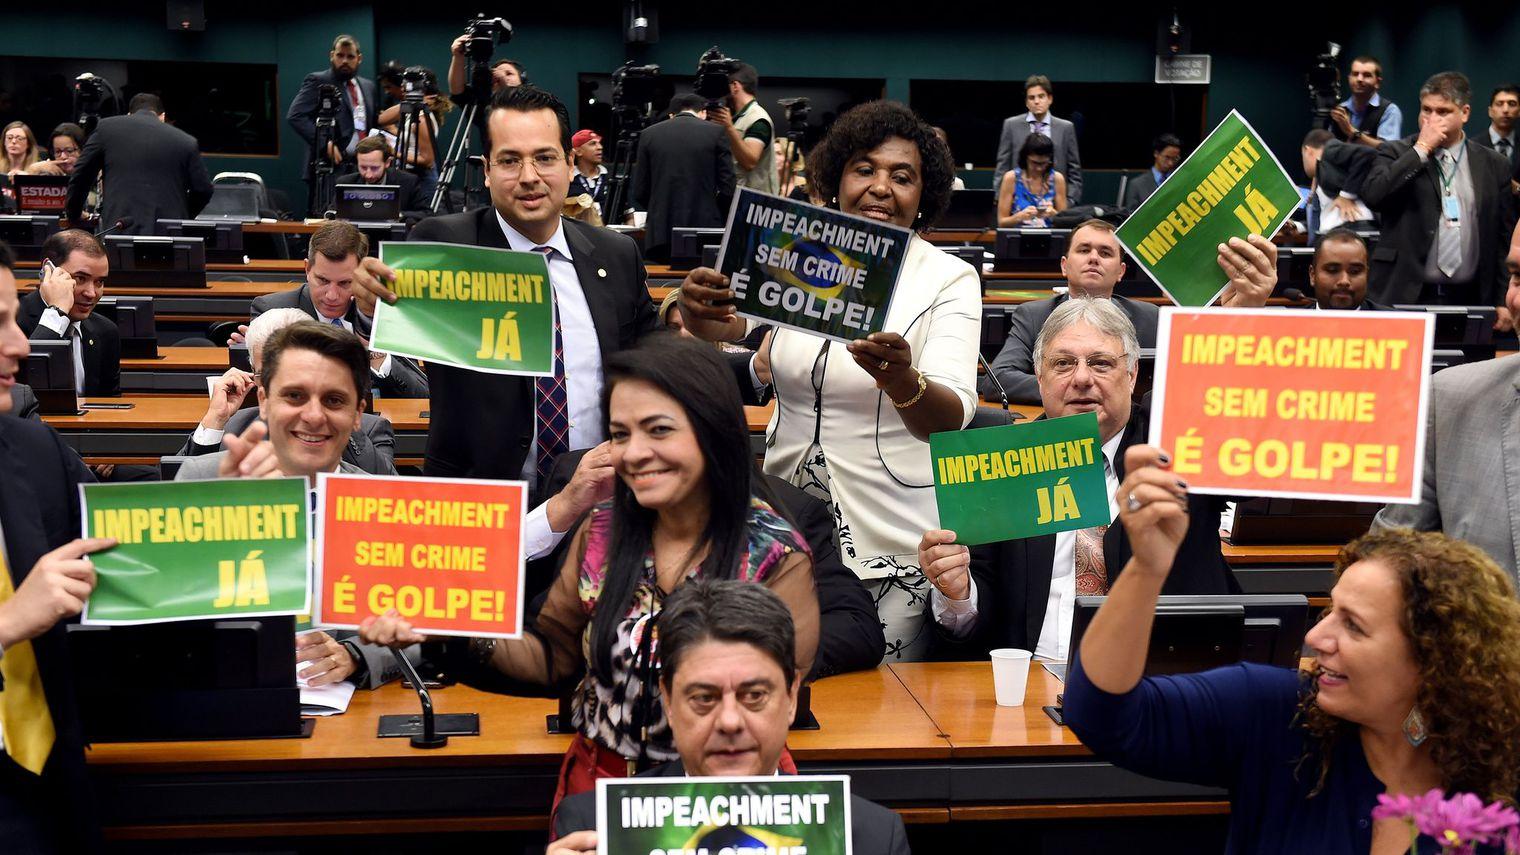 Une commission parlementaire recommande la destitution de Dilma Rousseff